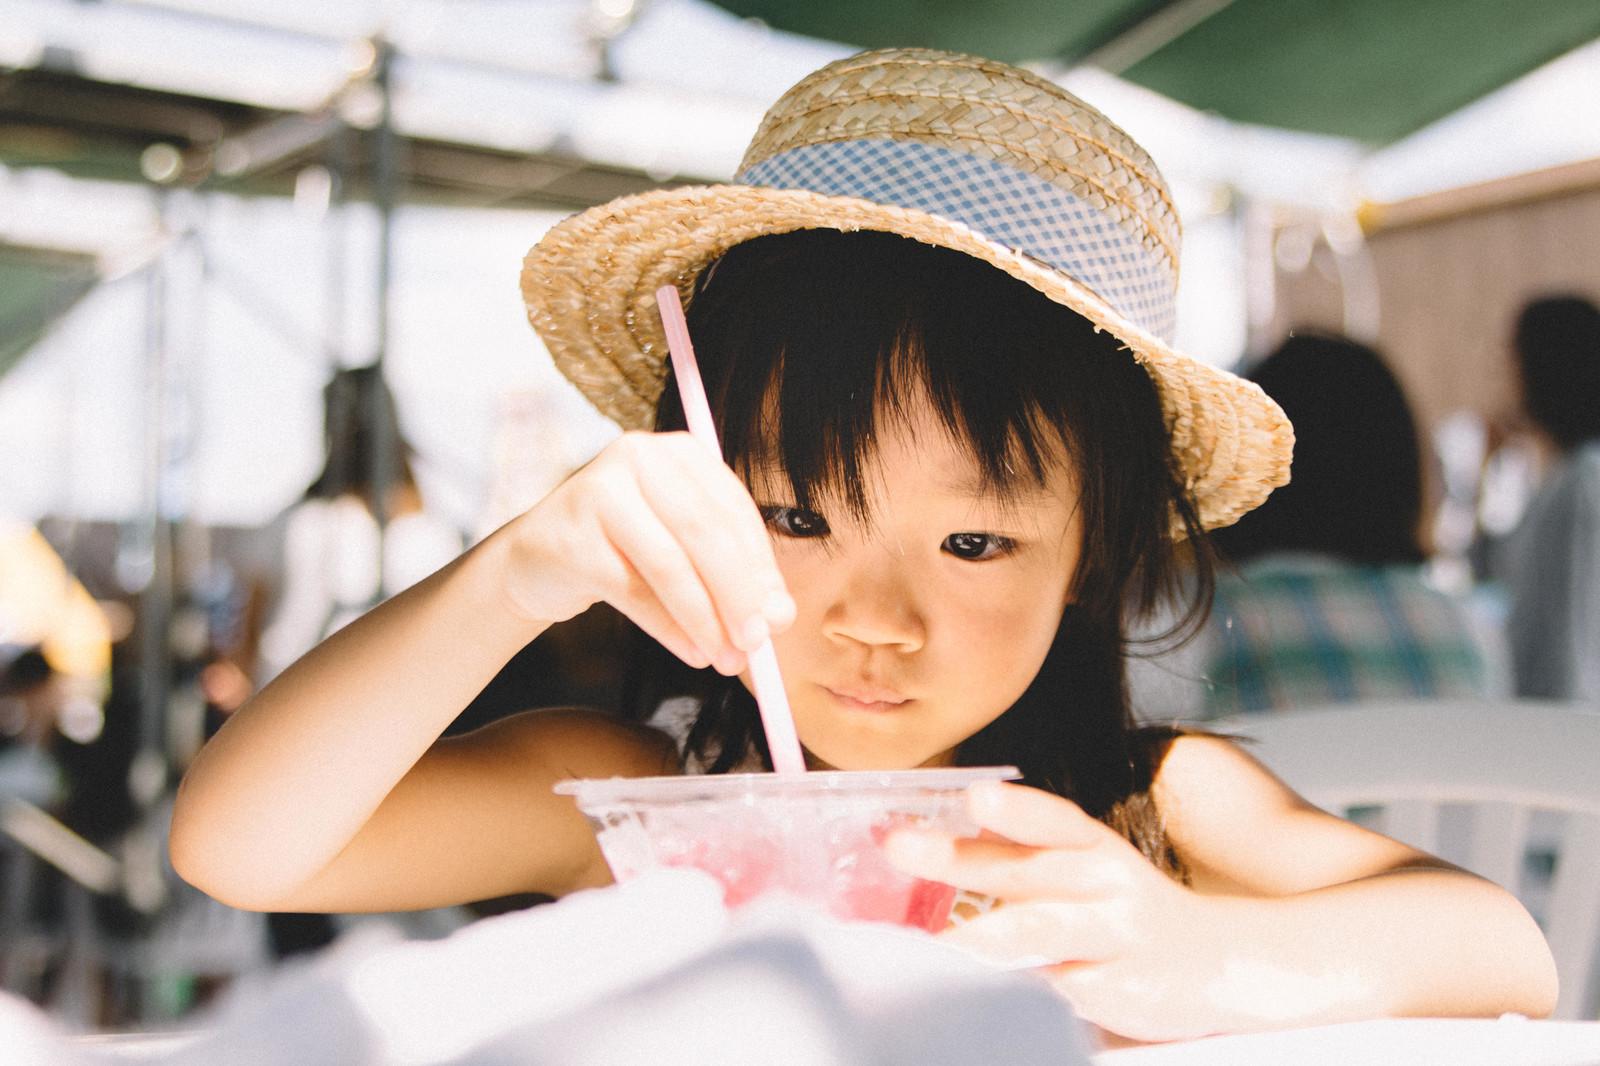 キッザニア東京の攻略法を伝授!人気の職業や予約方法・入場までの流れは?